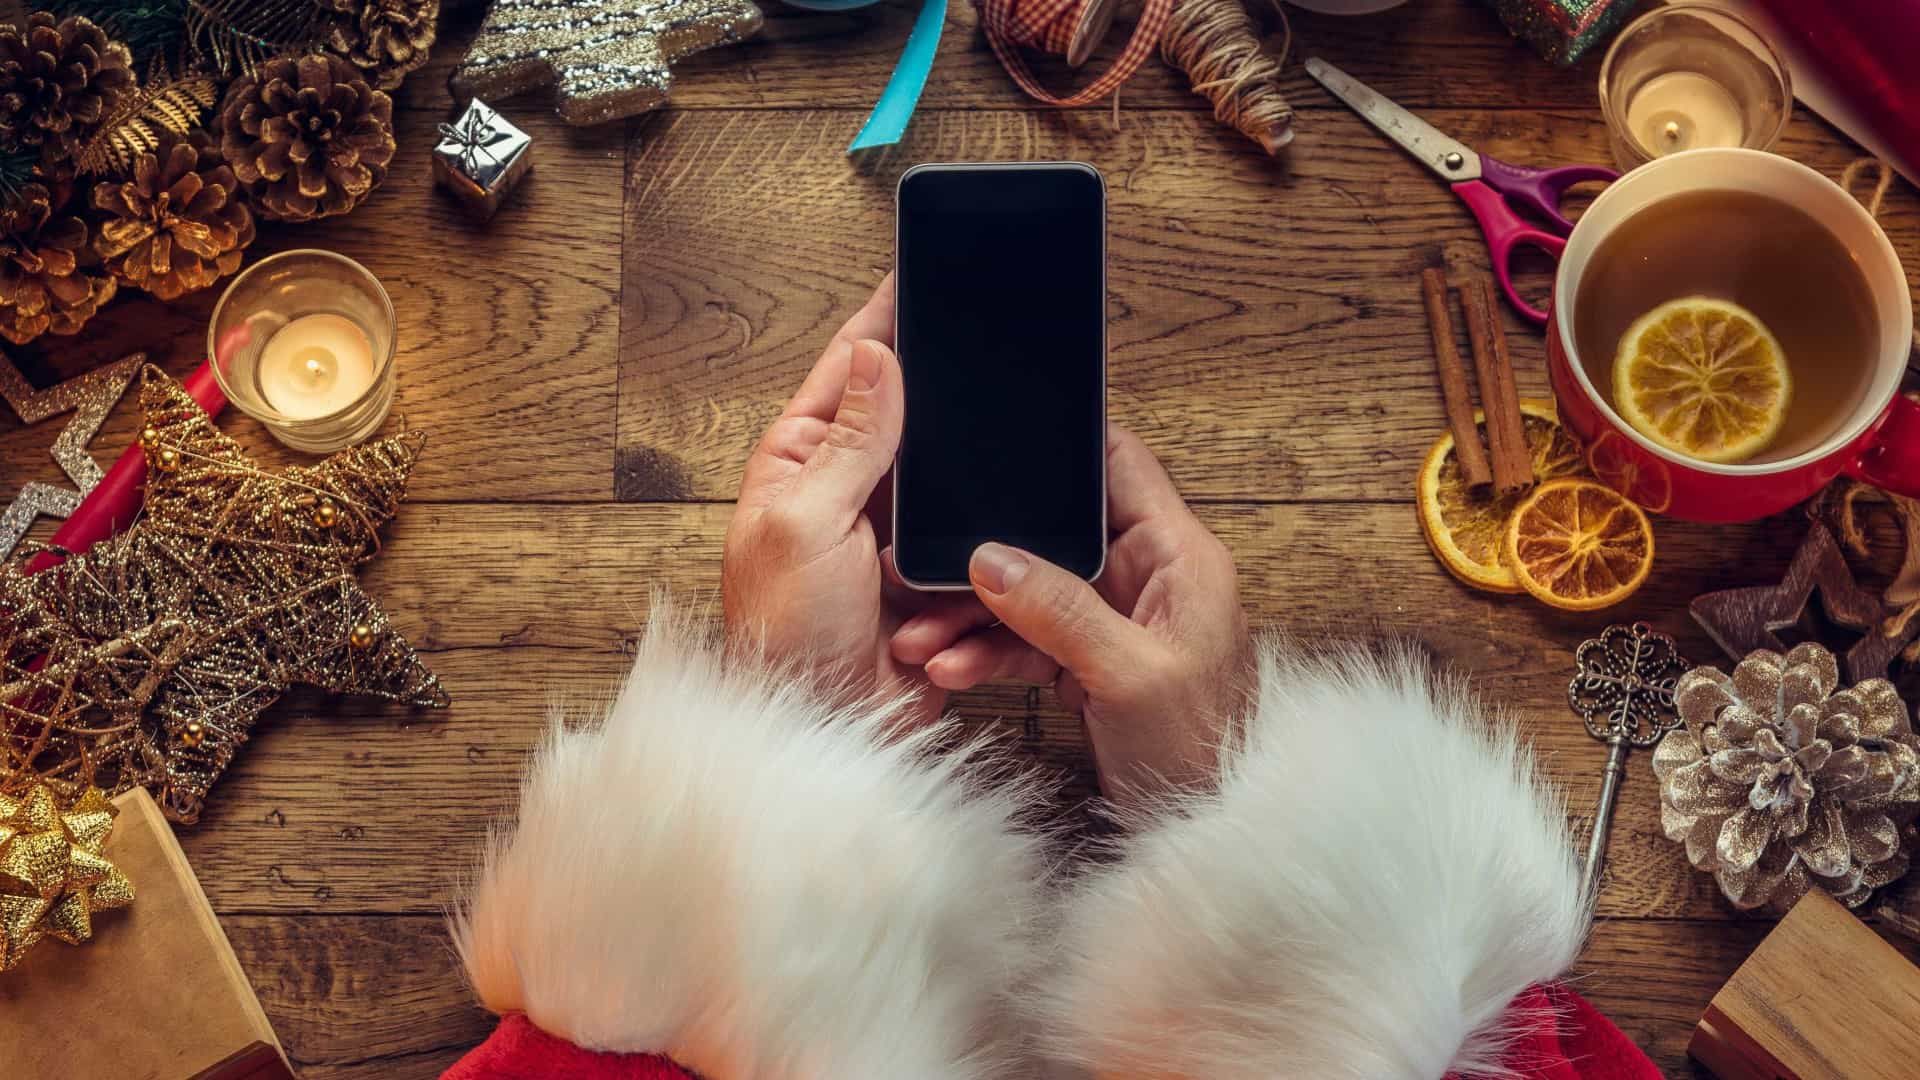 Mais emoção e menos tecnologia. Porque deve limitar os gadgets no Natal